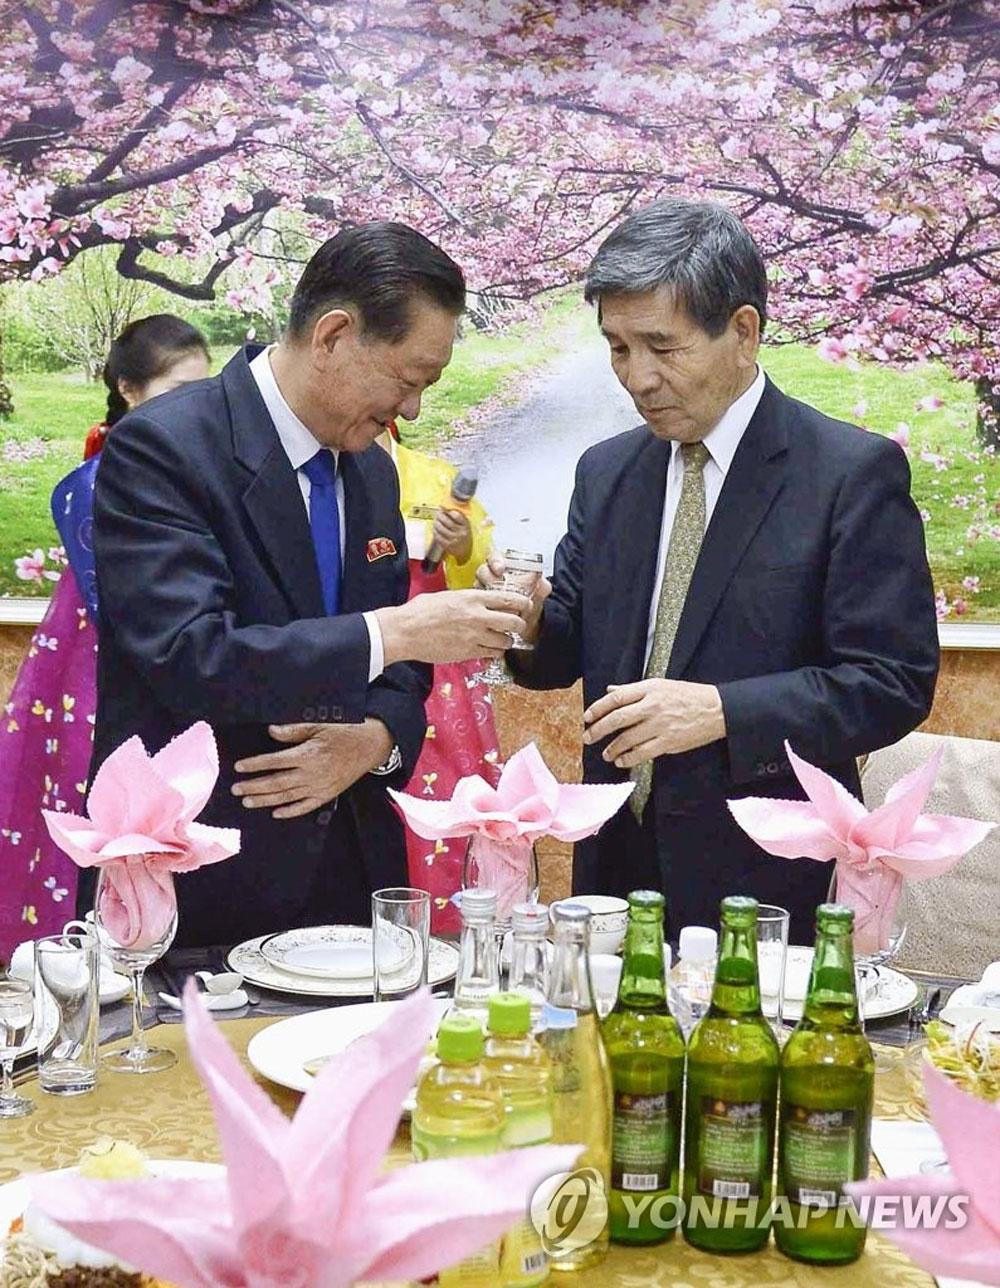 Nhật Bản, cử phái đoàn tới Triều Tiên, thảo luận, vấn đề bình thường hóa quan hệ